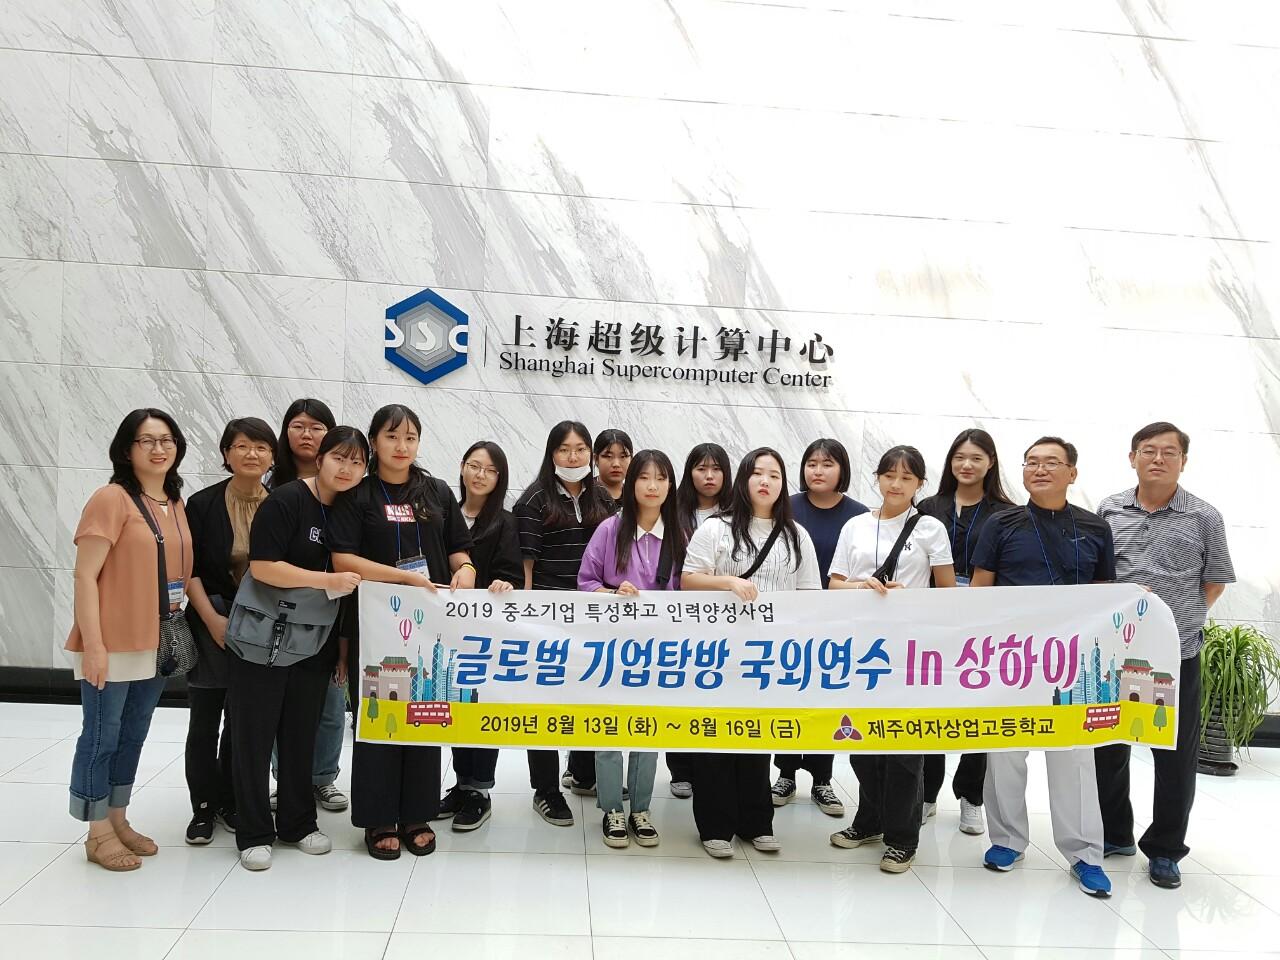 글로벌 기업 탐방(상하이 슈퍼컴퓨터 센터).jpg